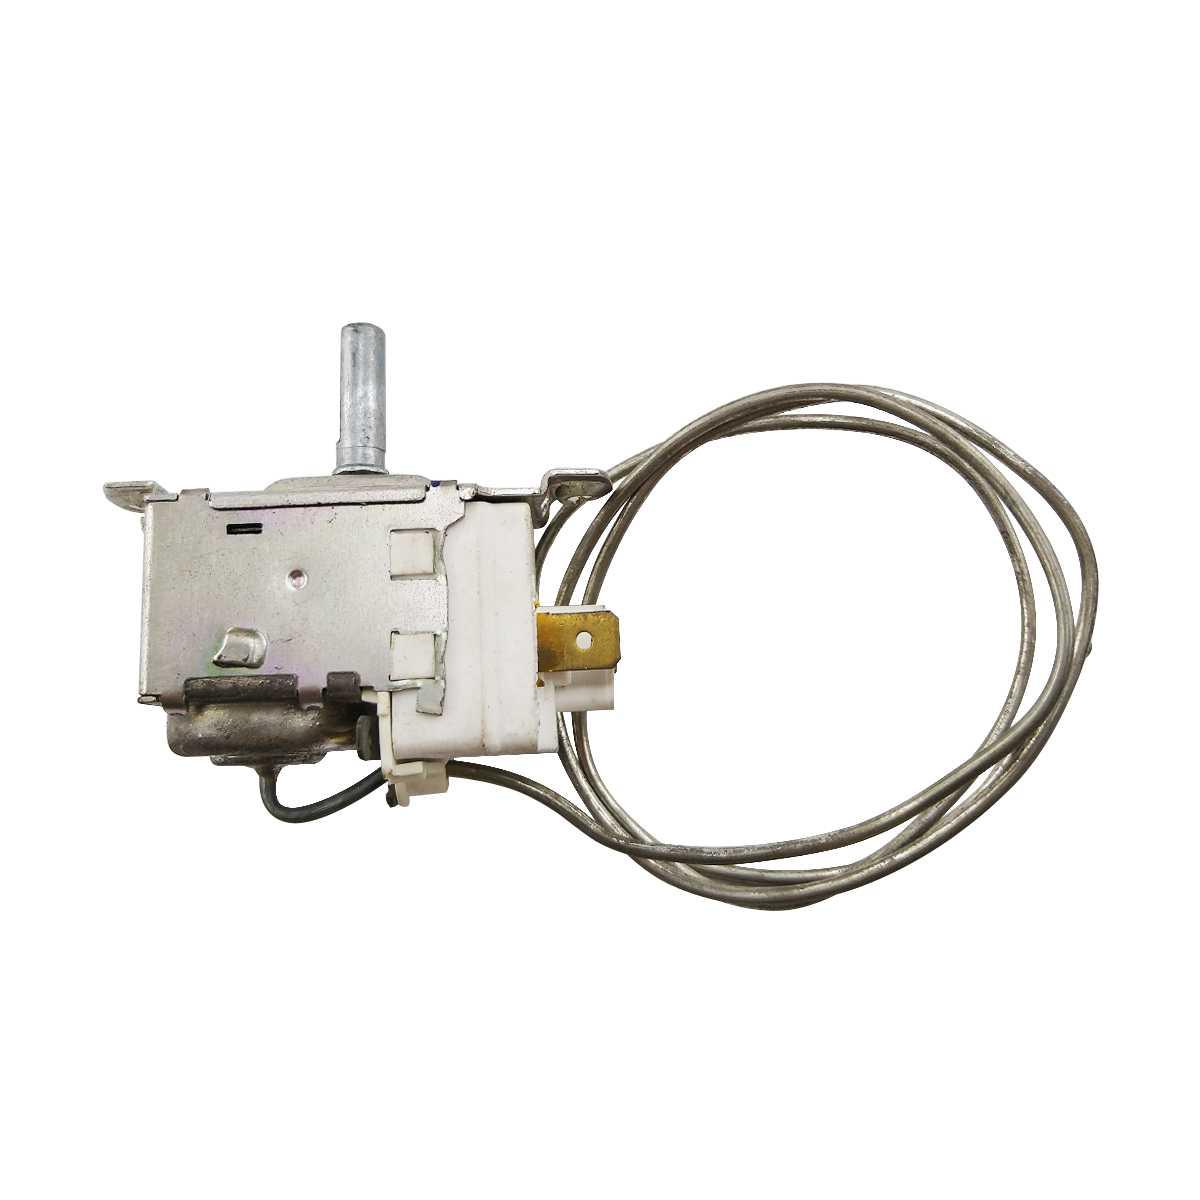 Termostato geladeira Climax  RC12619-2P Antigo